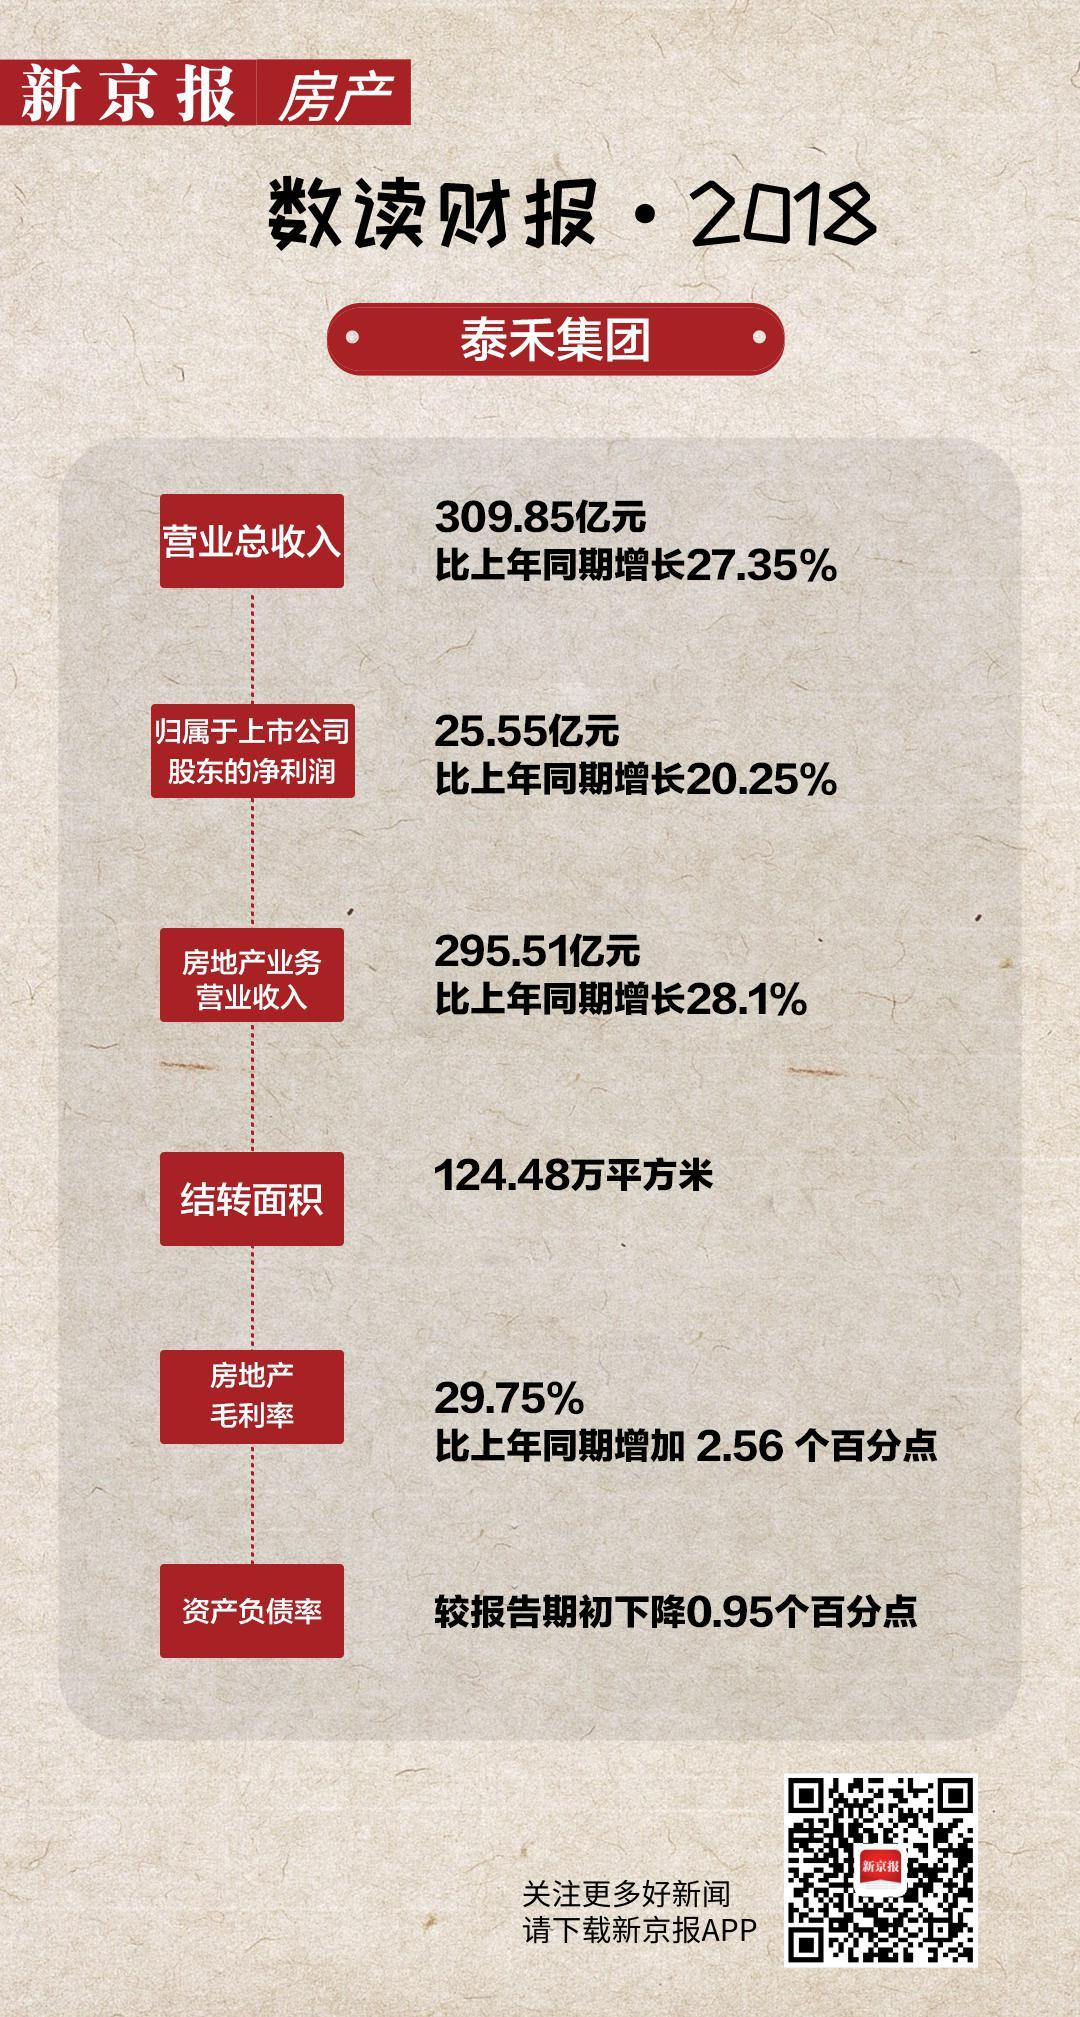 泰禾去年房地产业务营收295亿 净负债率大幅下降